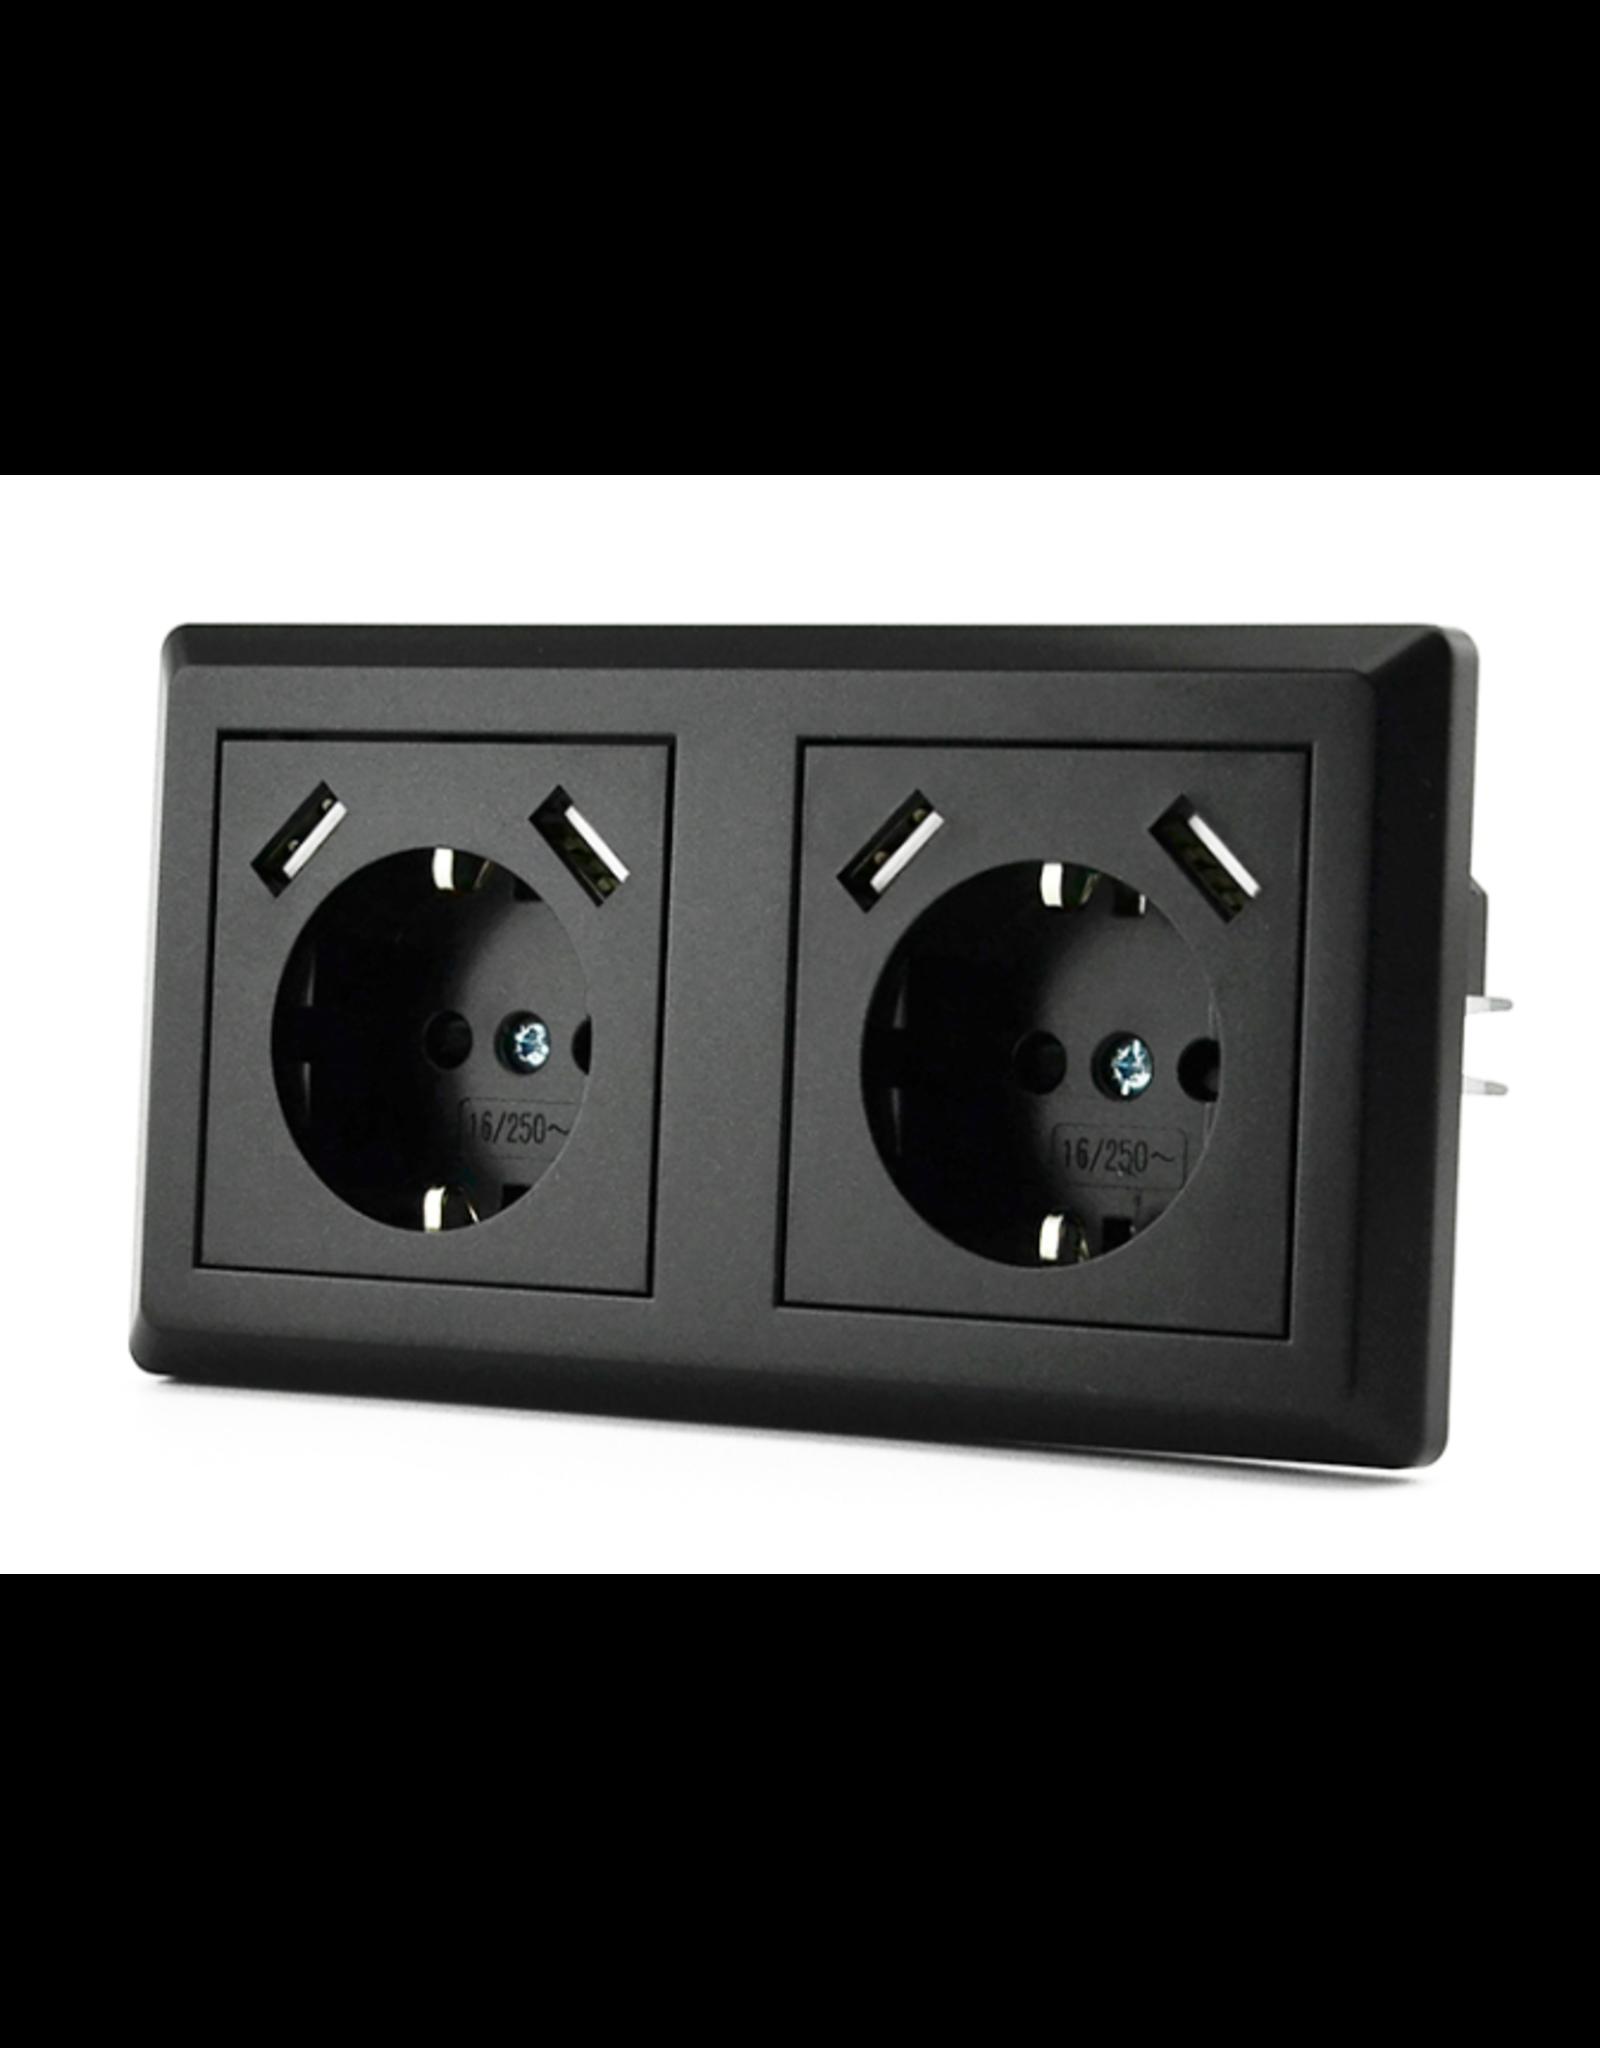 CoshX® CoshX®, dubbel usb stopcontact, dubbele inbouw wanddoos usb zwart